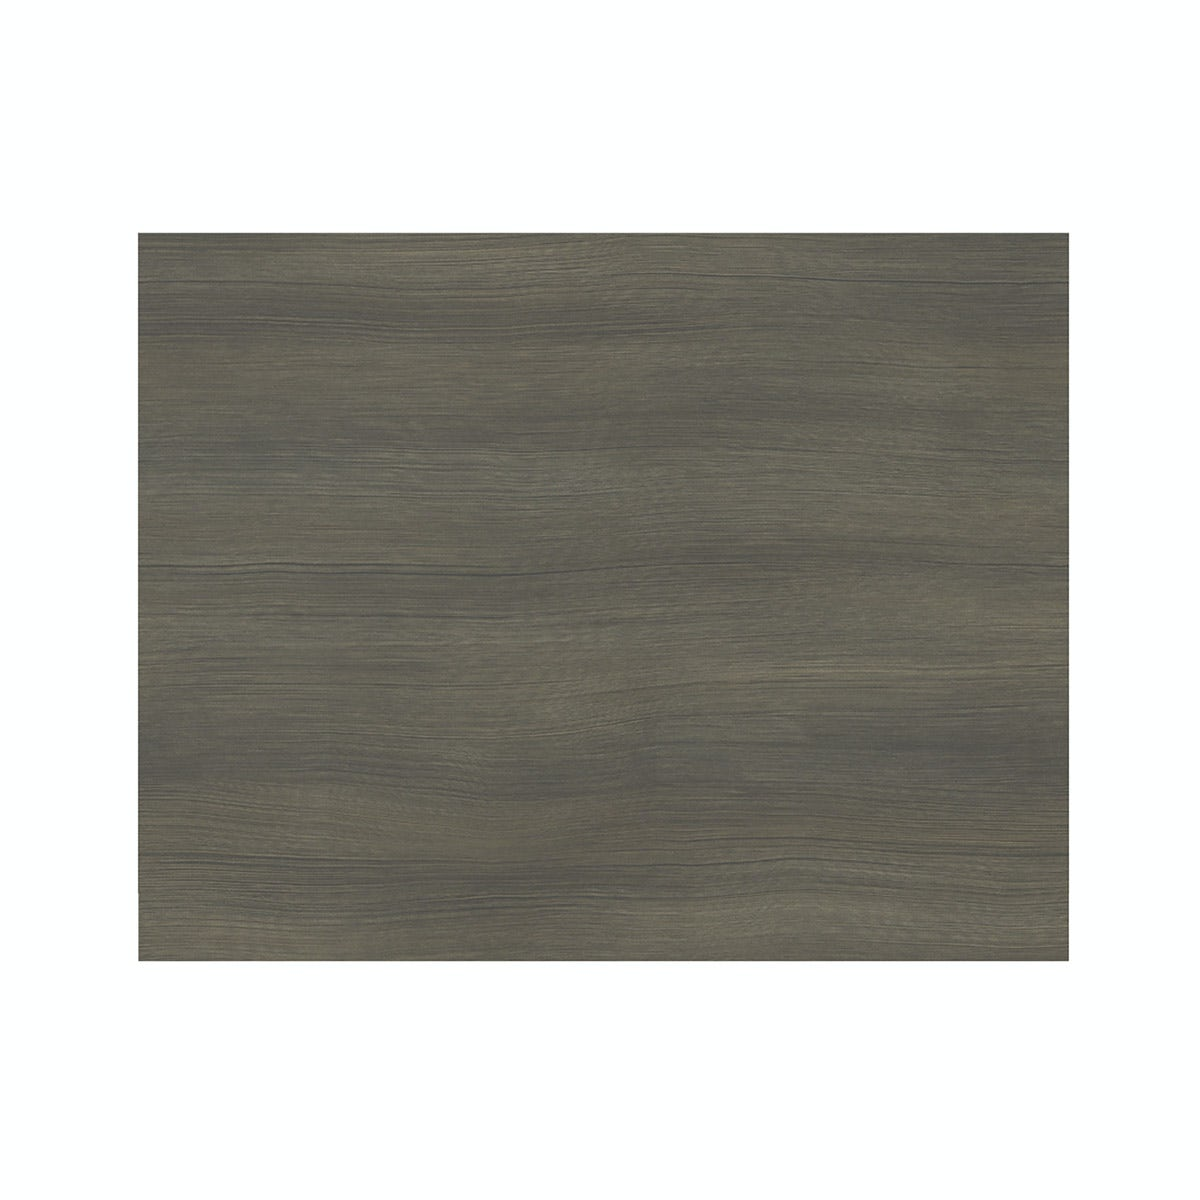 Orchard Wye walnut bath end panel 680mm